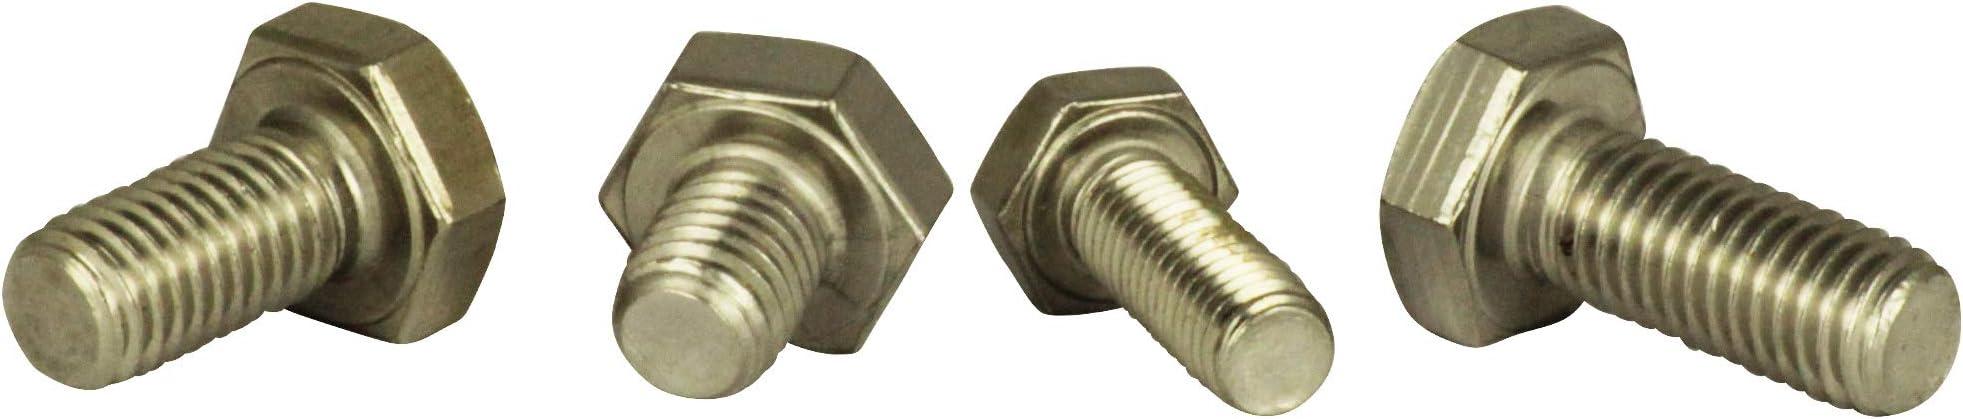 rostfrei Gewindeschrauben 40 St/ück ISO 4017 Sechskant Schrauben - DIN 933 Eisenwaren2000 Vollgewinde Sechskantschrauben mit Gewinde bis Kopf M12 x 25 mm Edelstahl A2 V2A